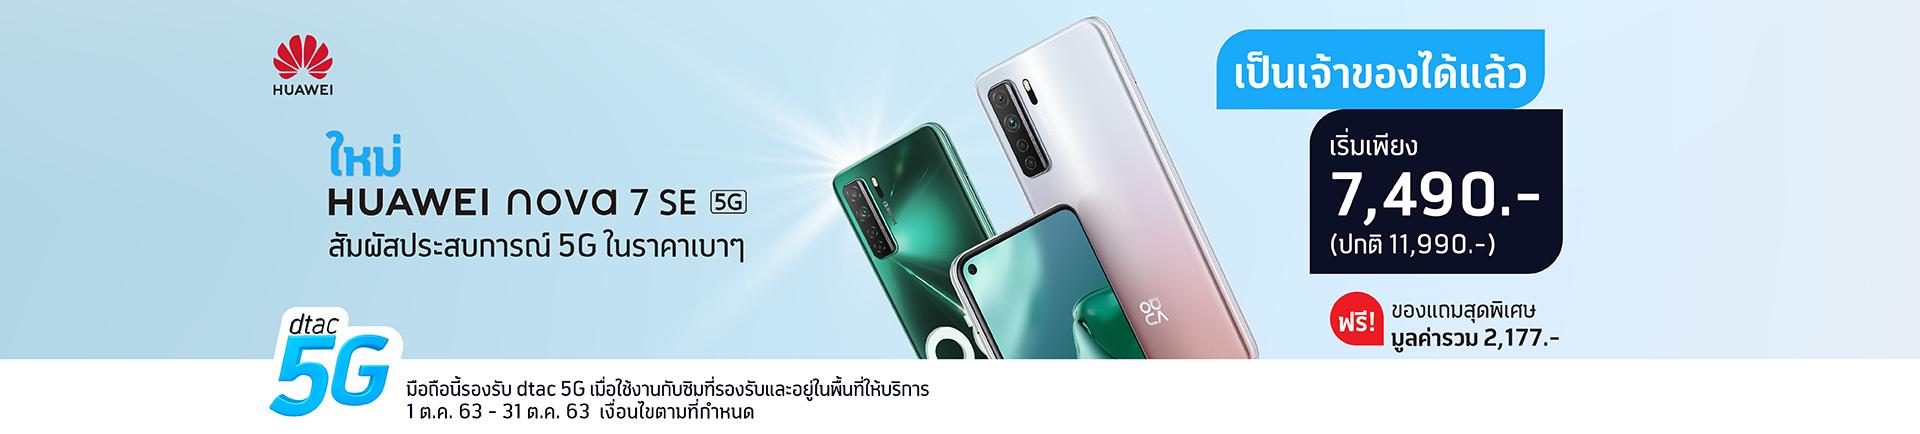 banner Huawei Nova7 se